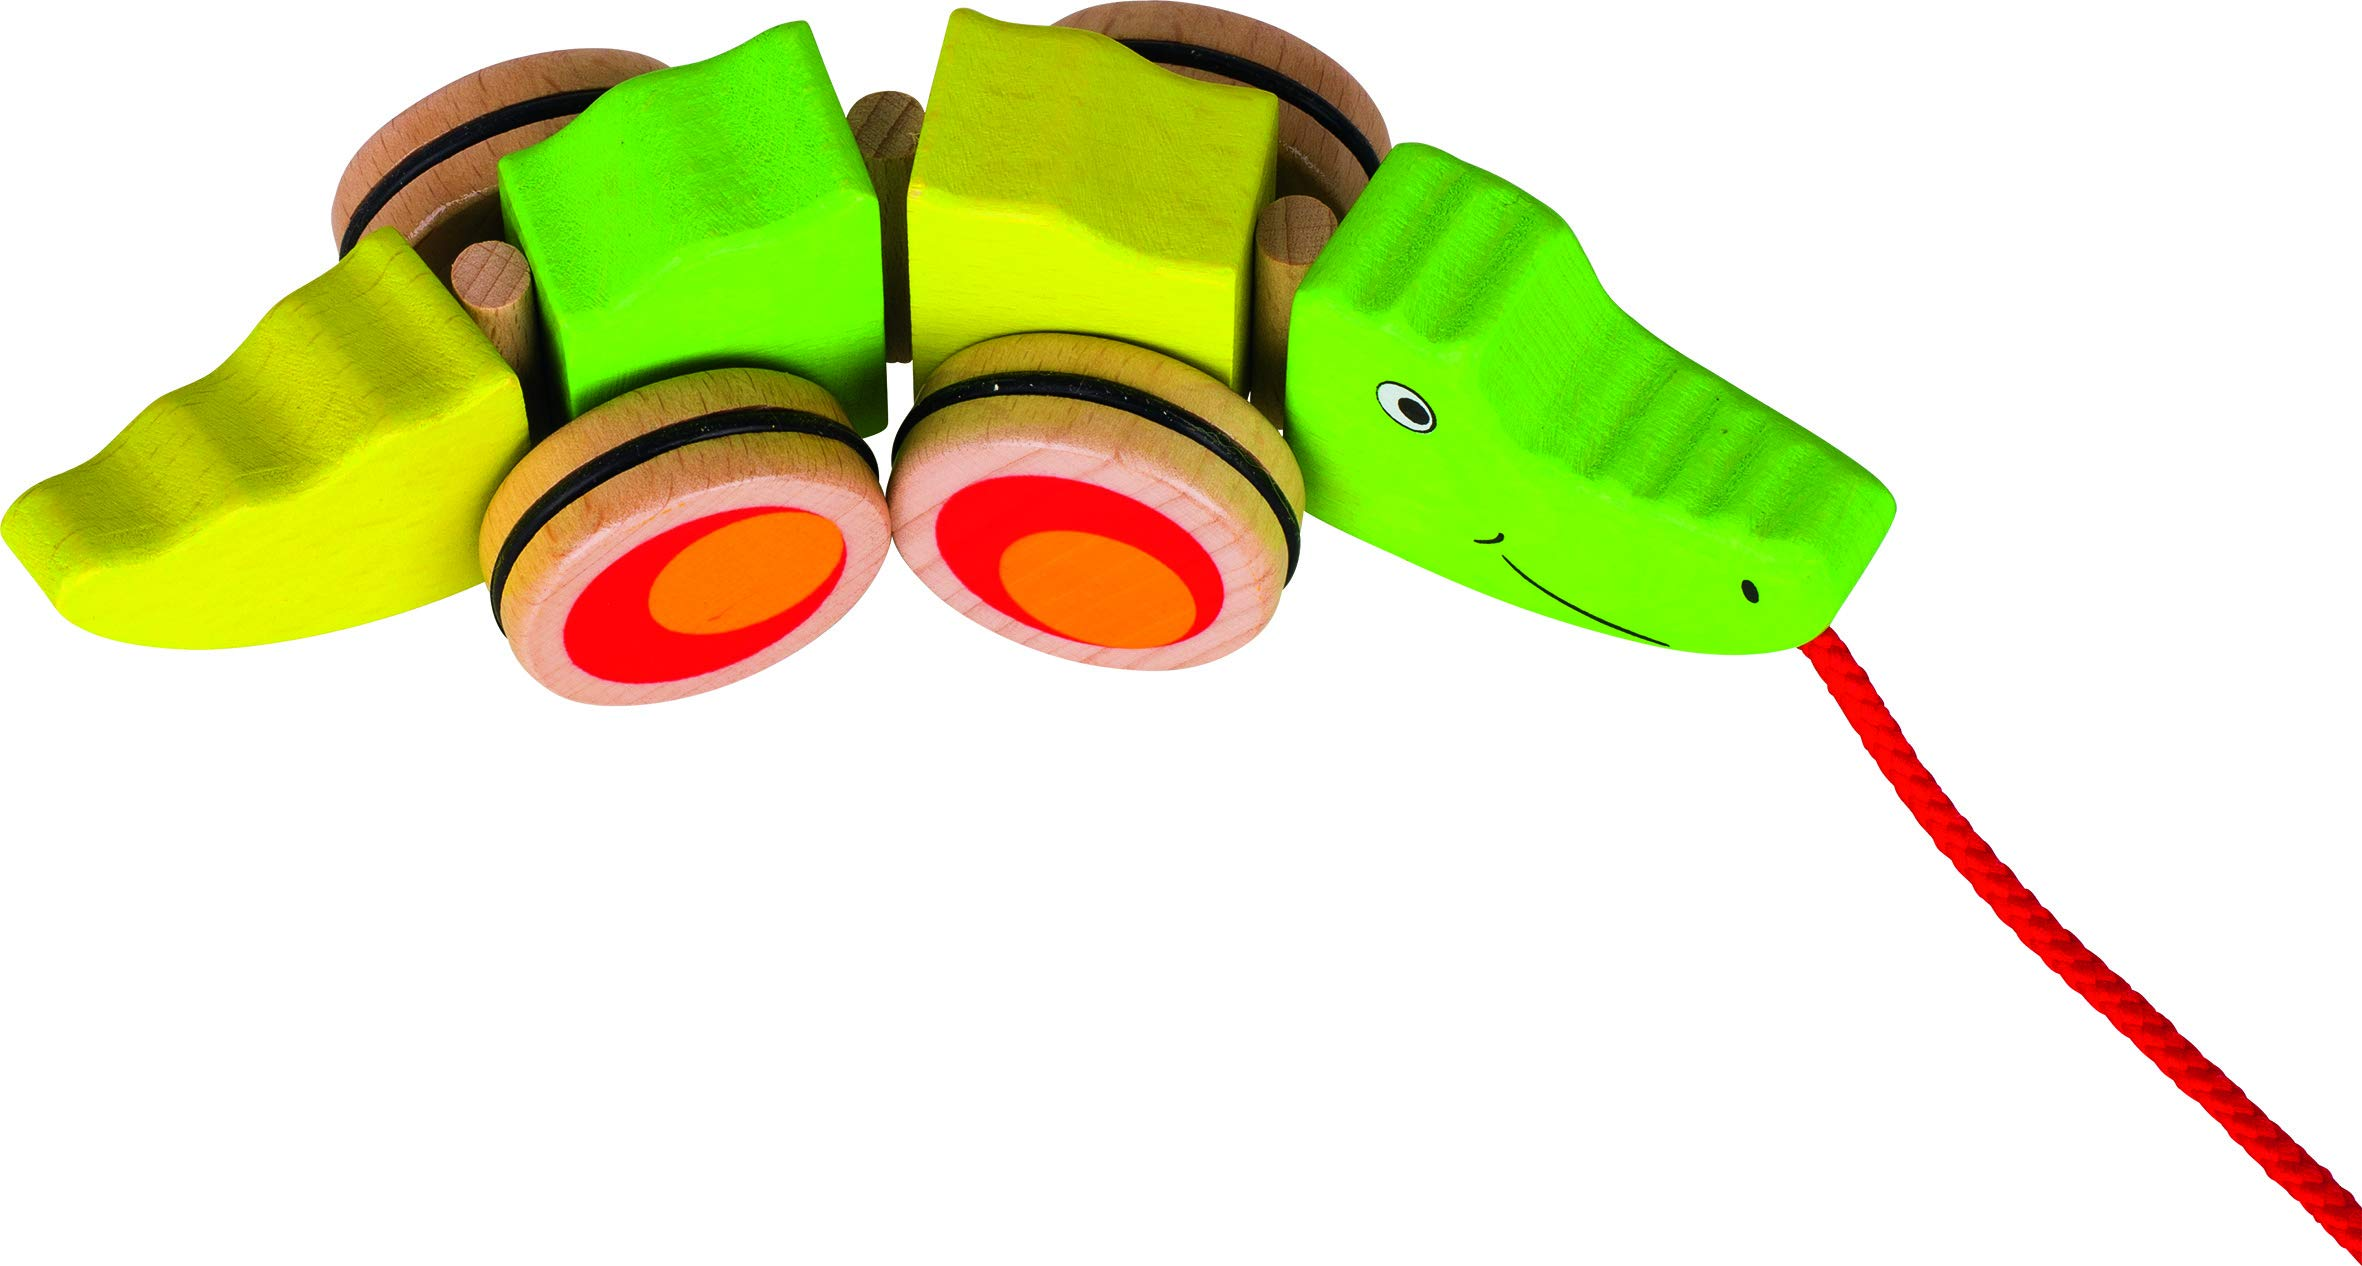 Ziehtier Krokodil Holzspielzeug